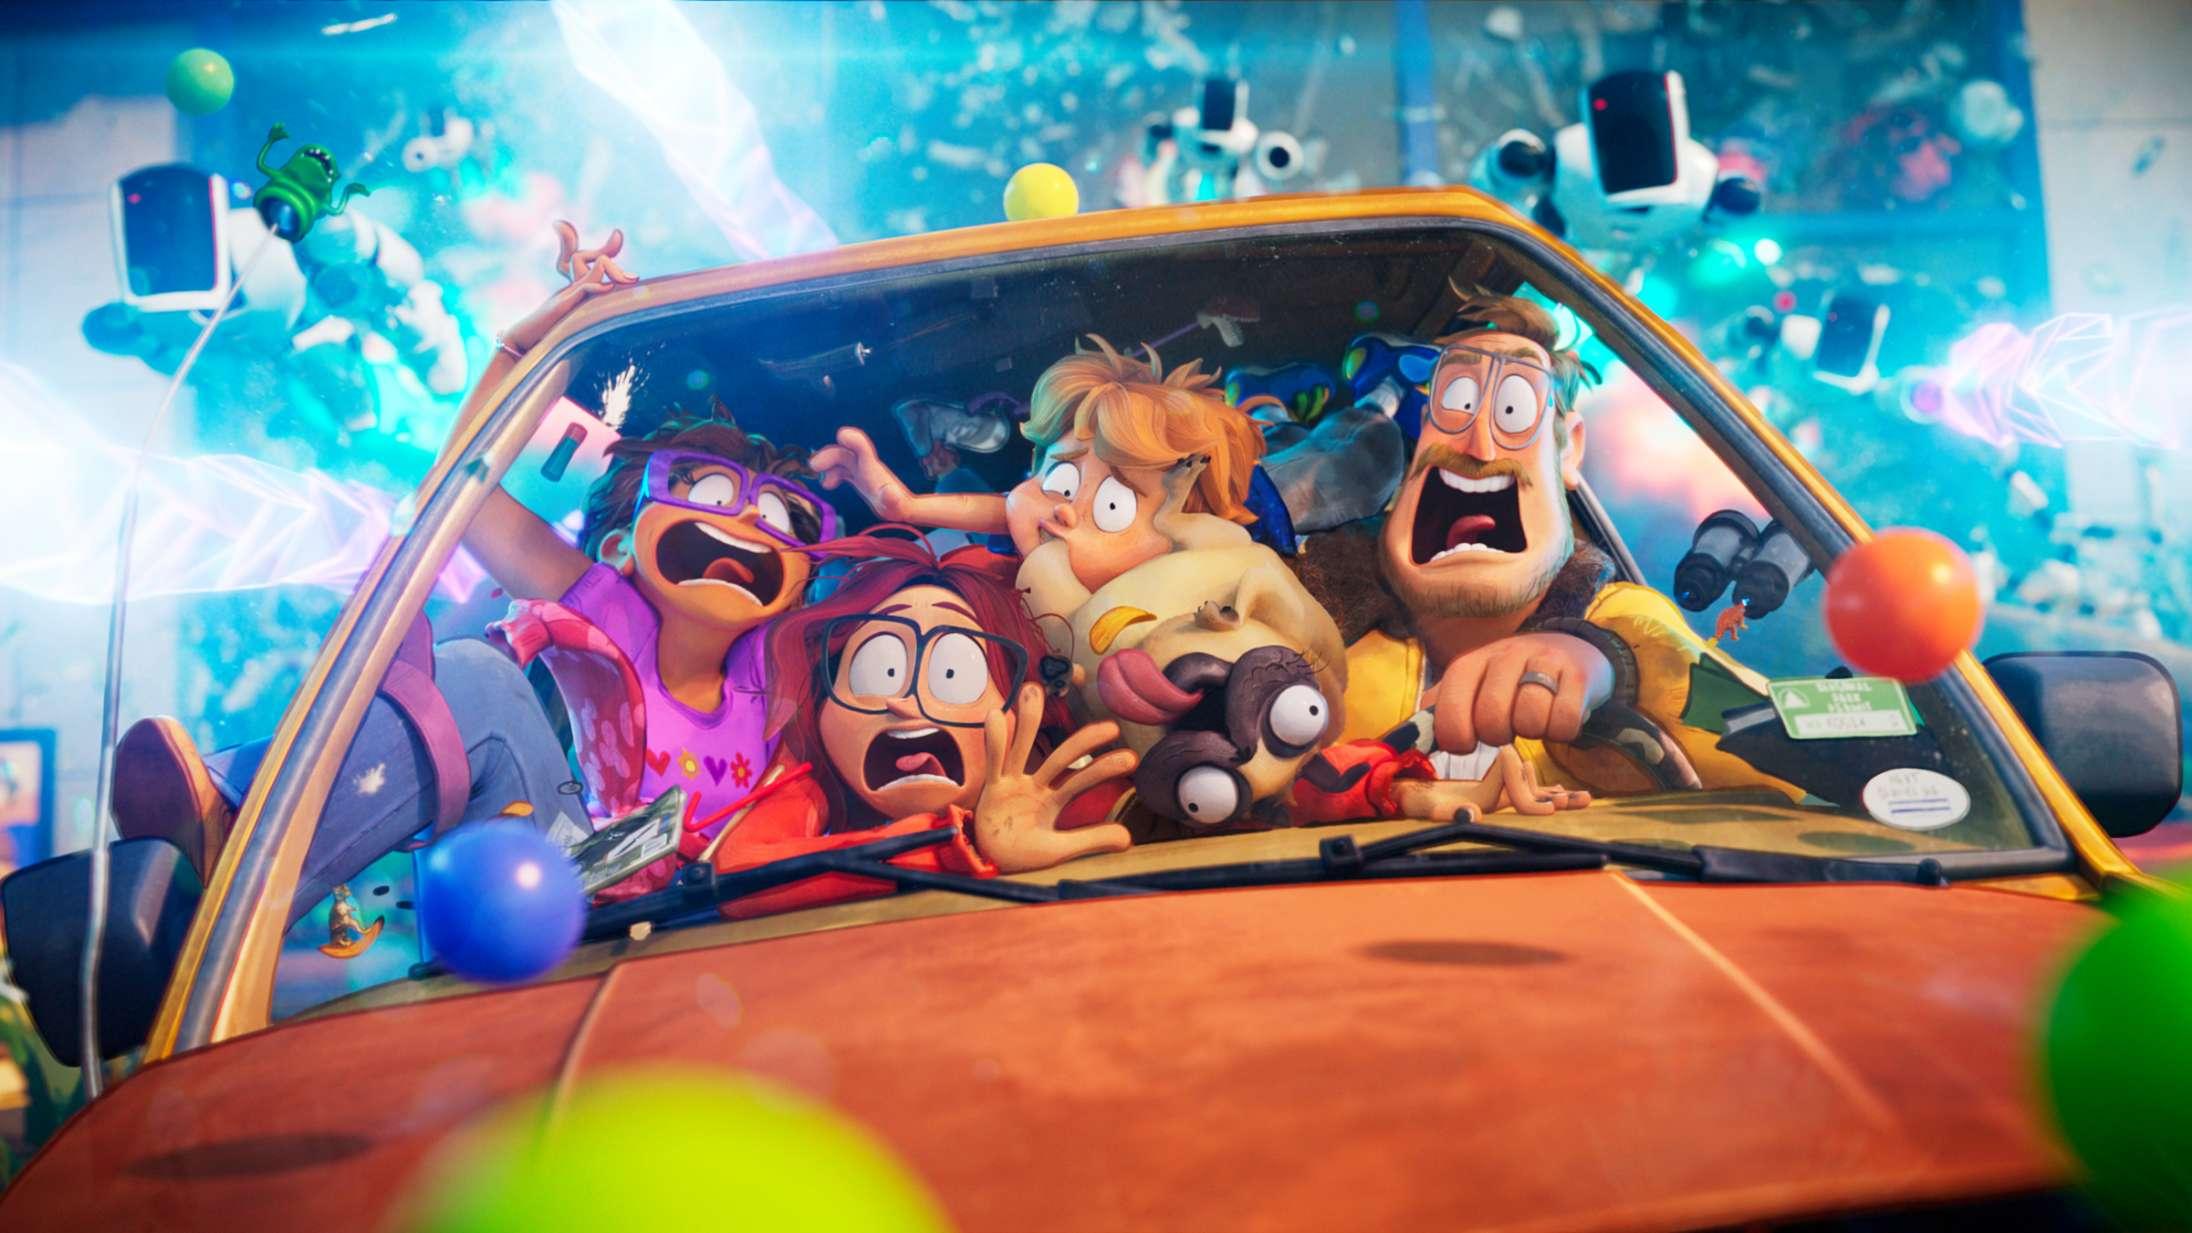 Watch and learn, Pixar: Ny animationsfilm på Netflix åbner endelig døren for homoseksuelle hovedpersoner